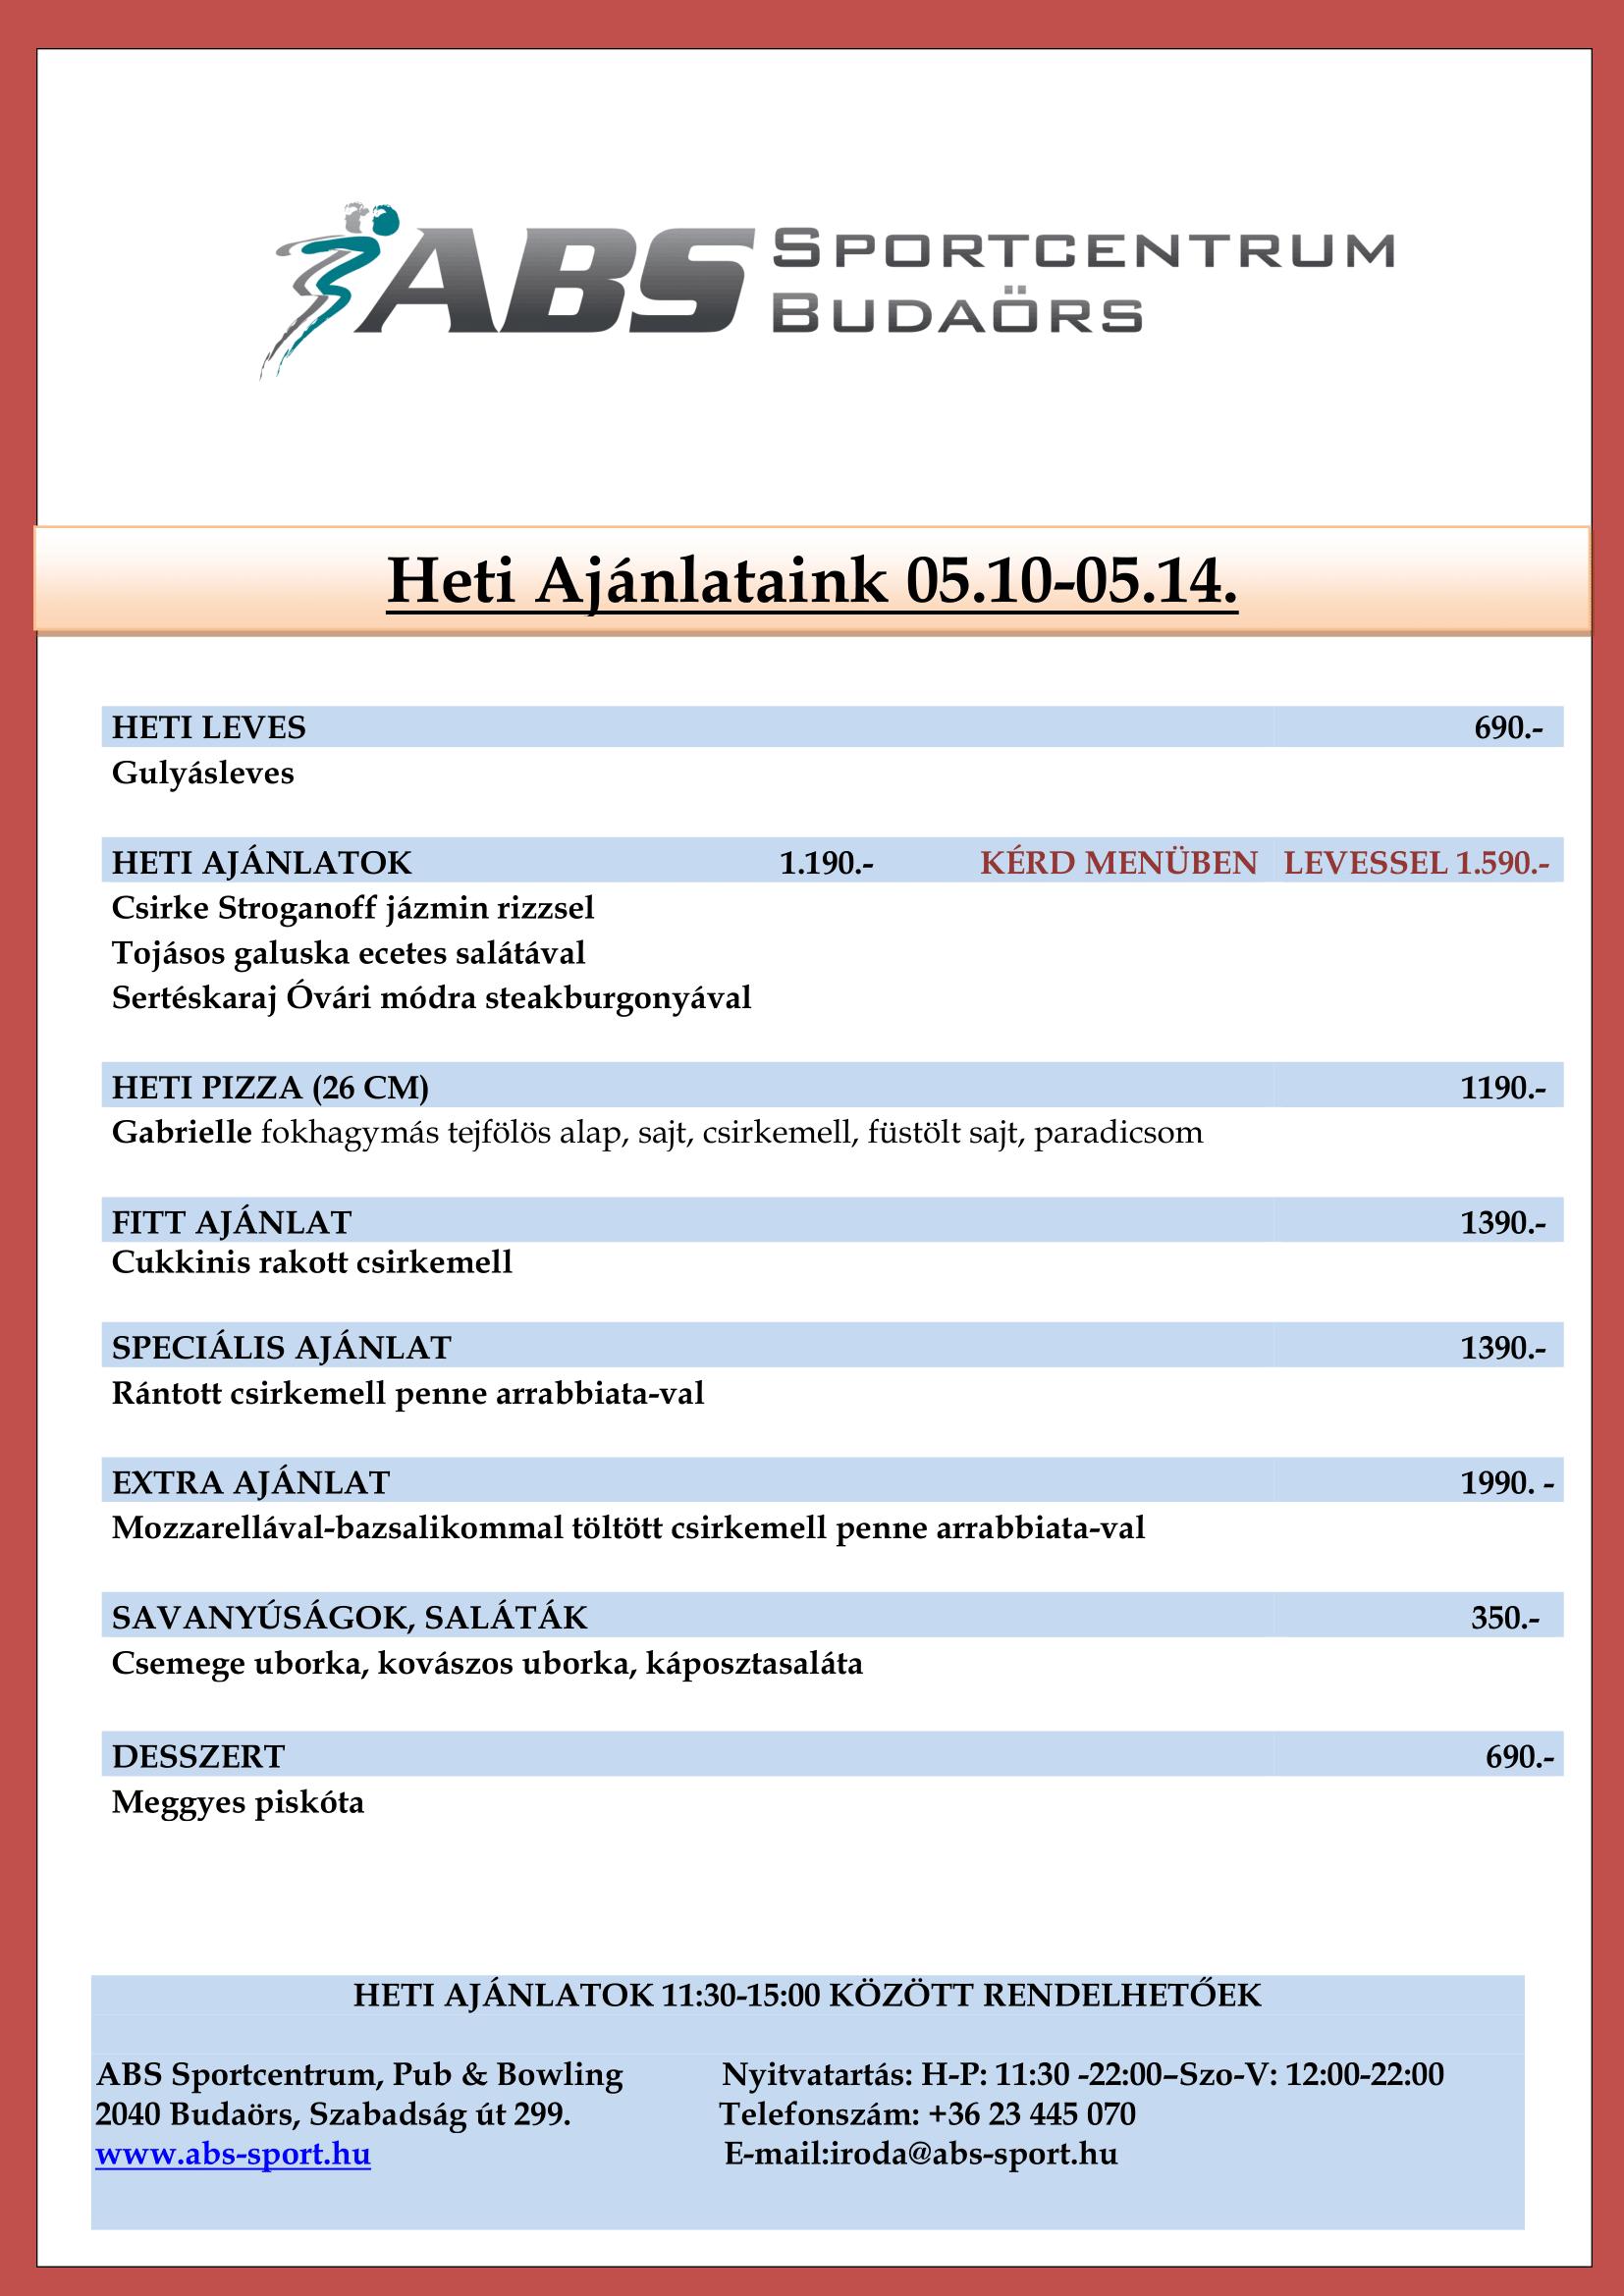 Heti Ajánlatok 05.10-05.14-ig-1